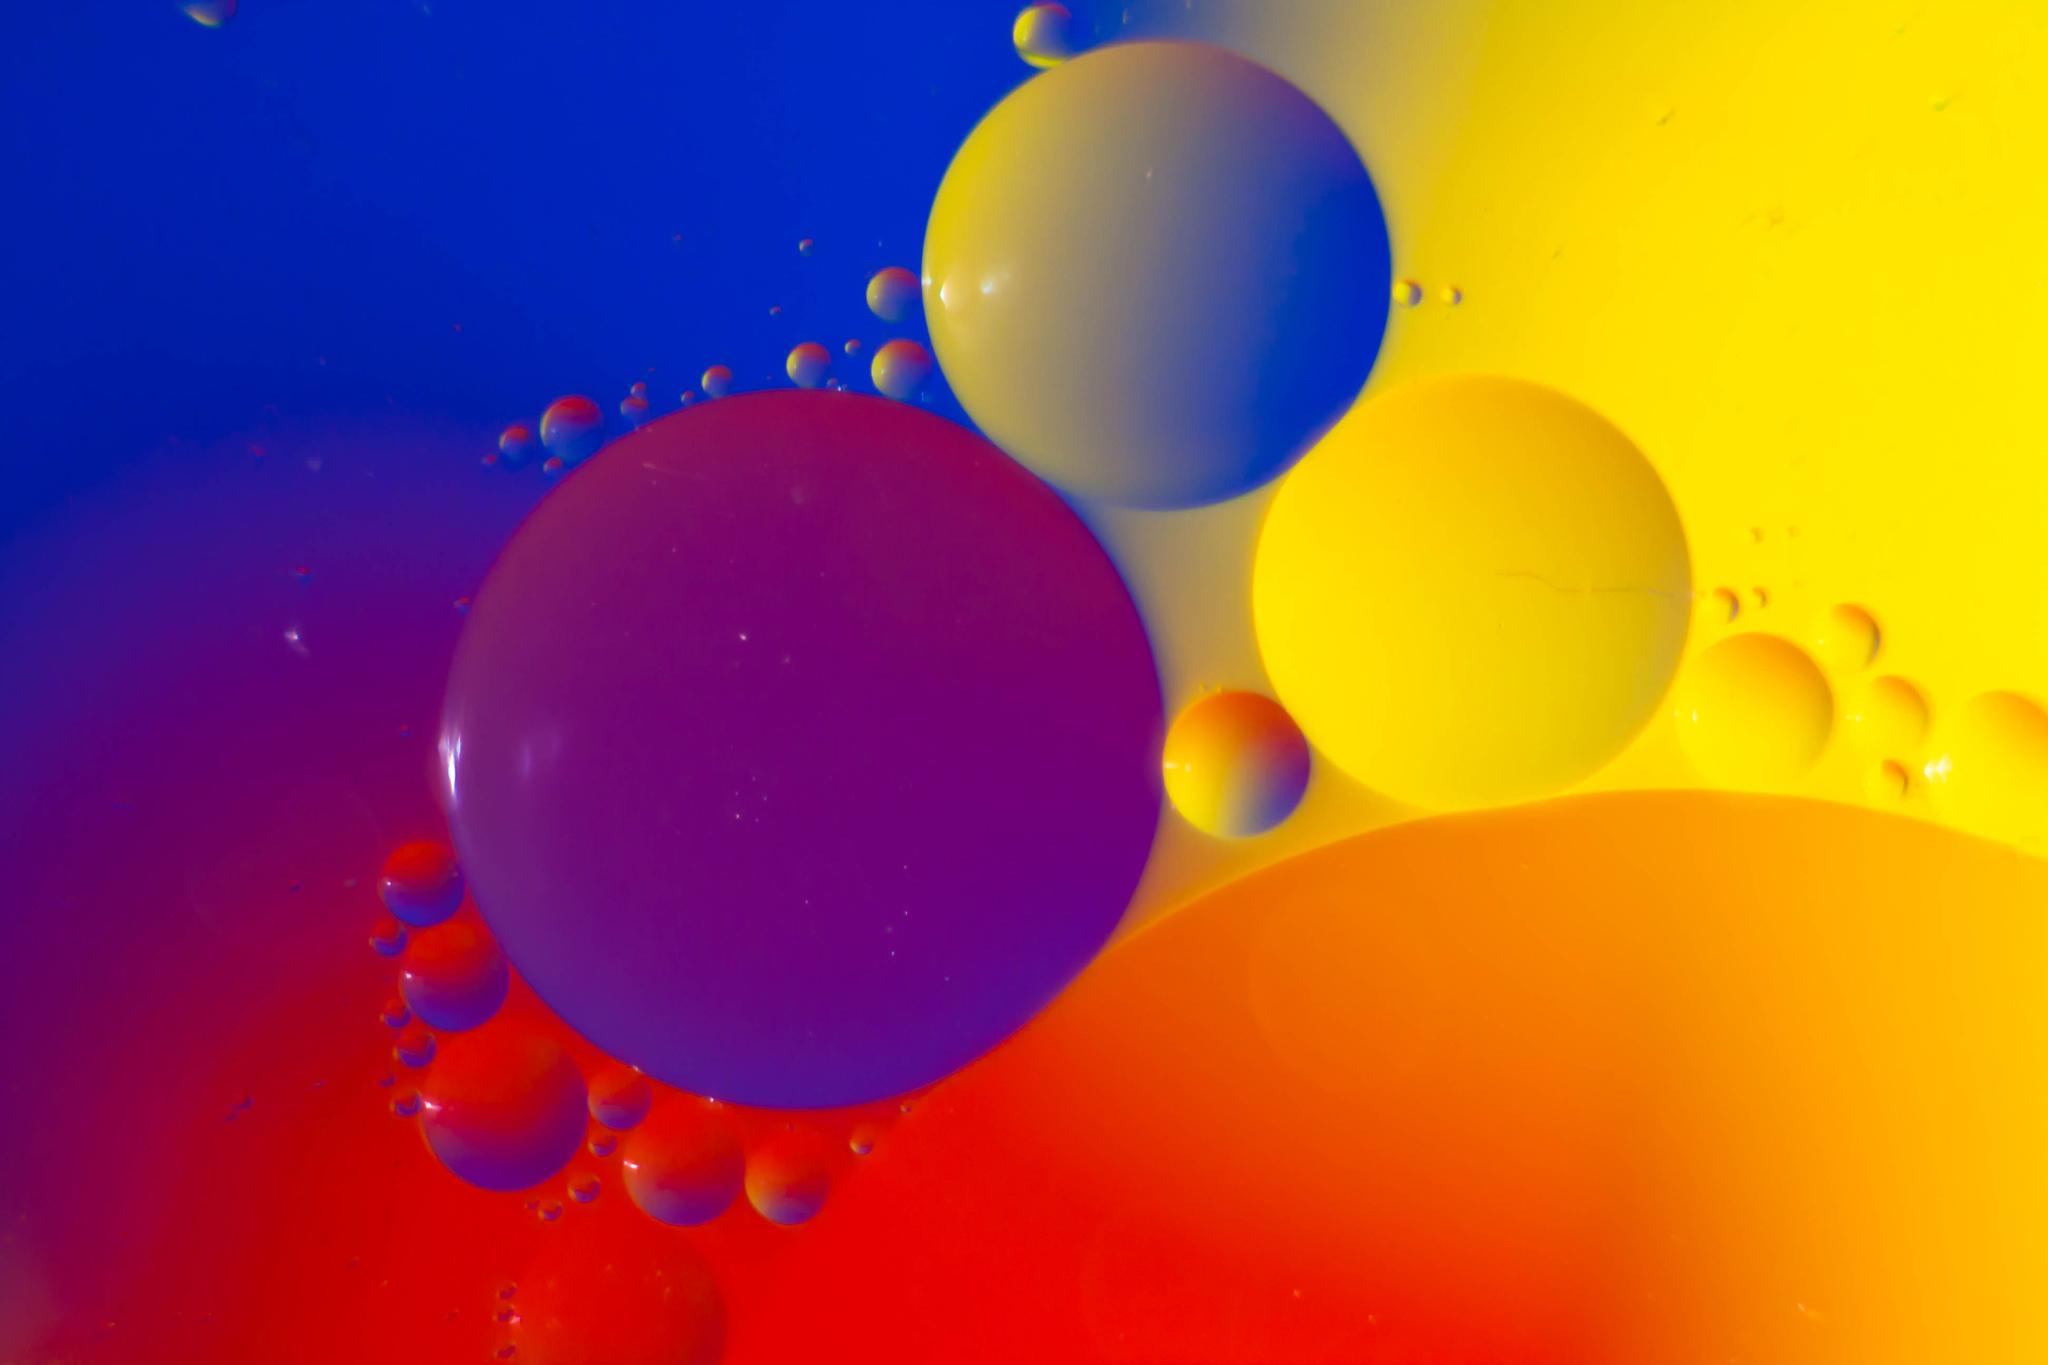 Шары круги цветные  № 3676338 бесплатно